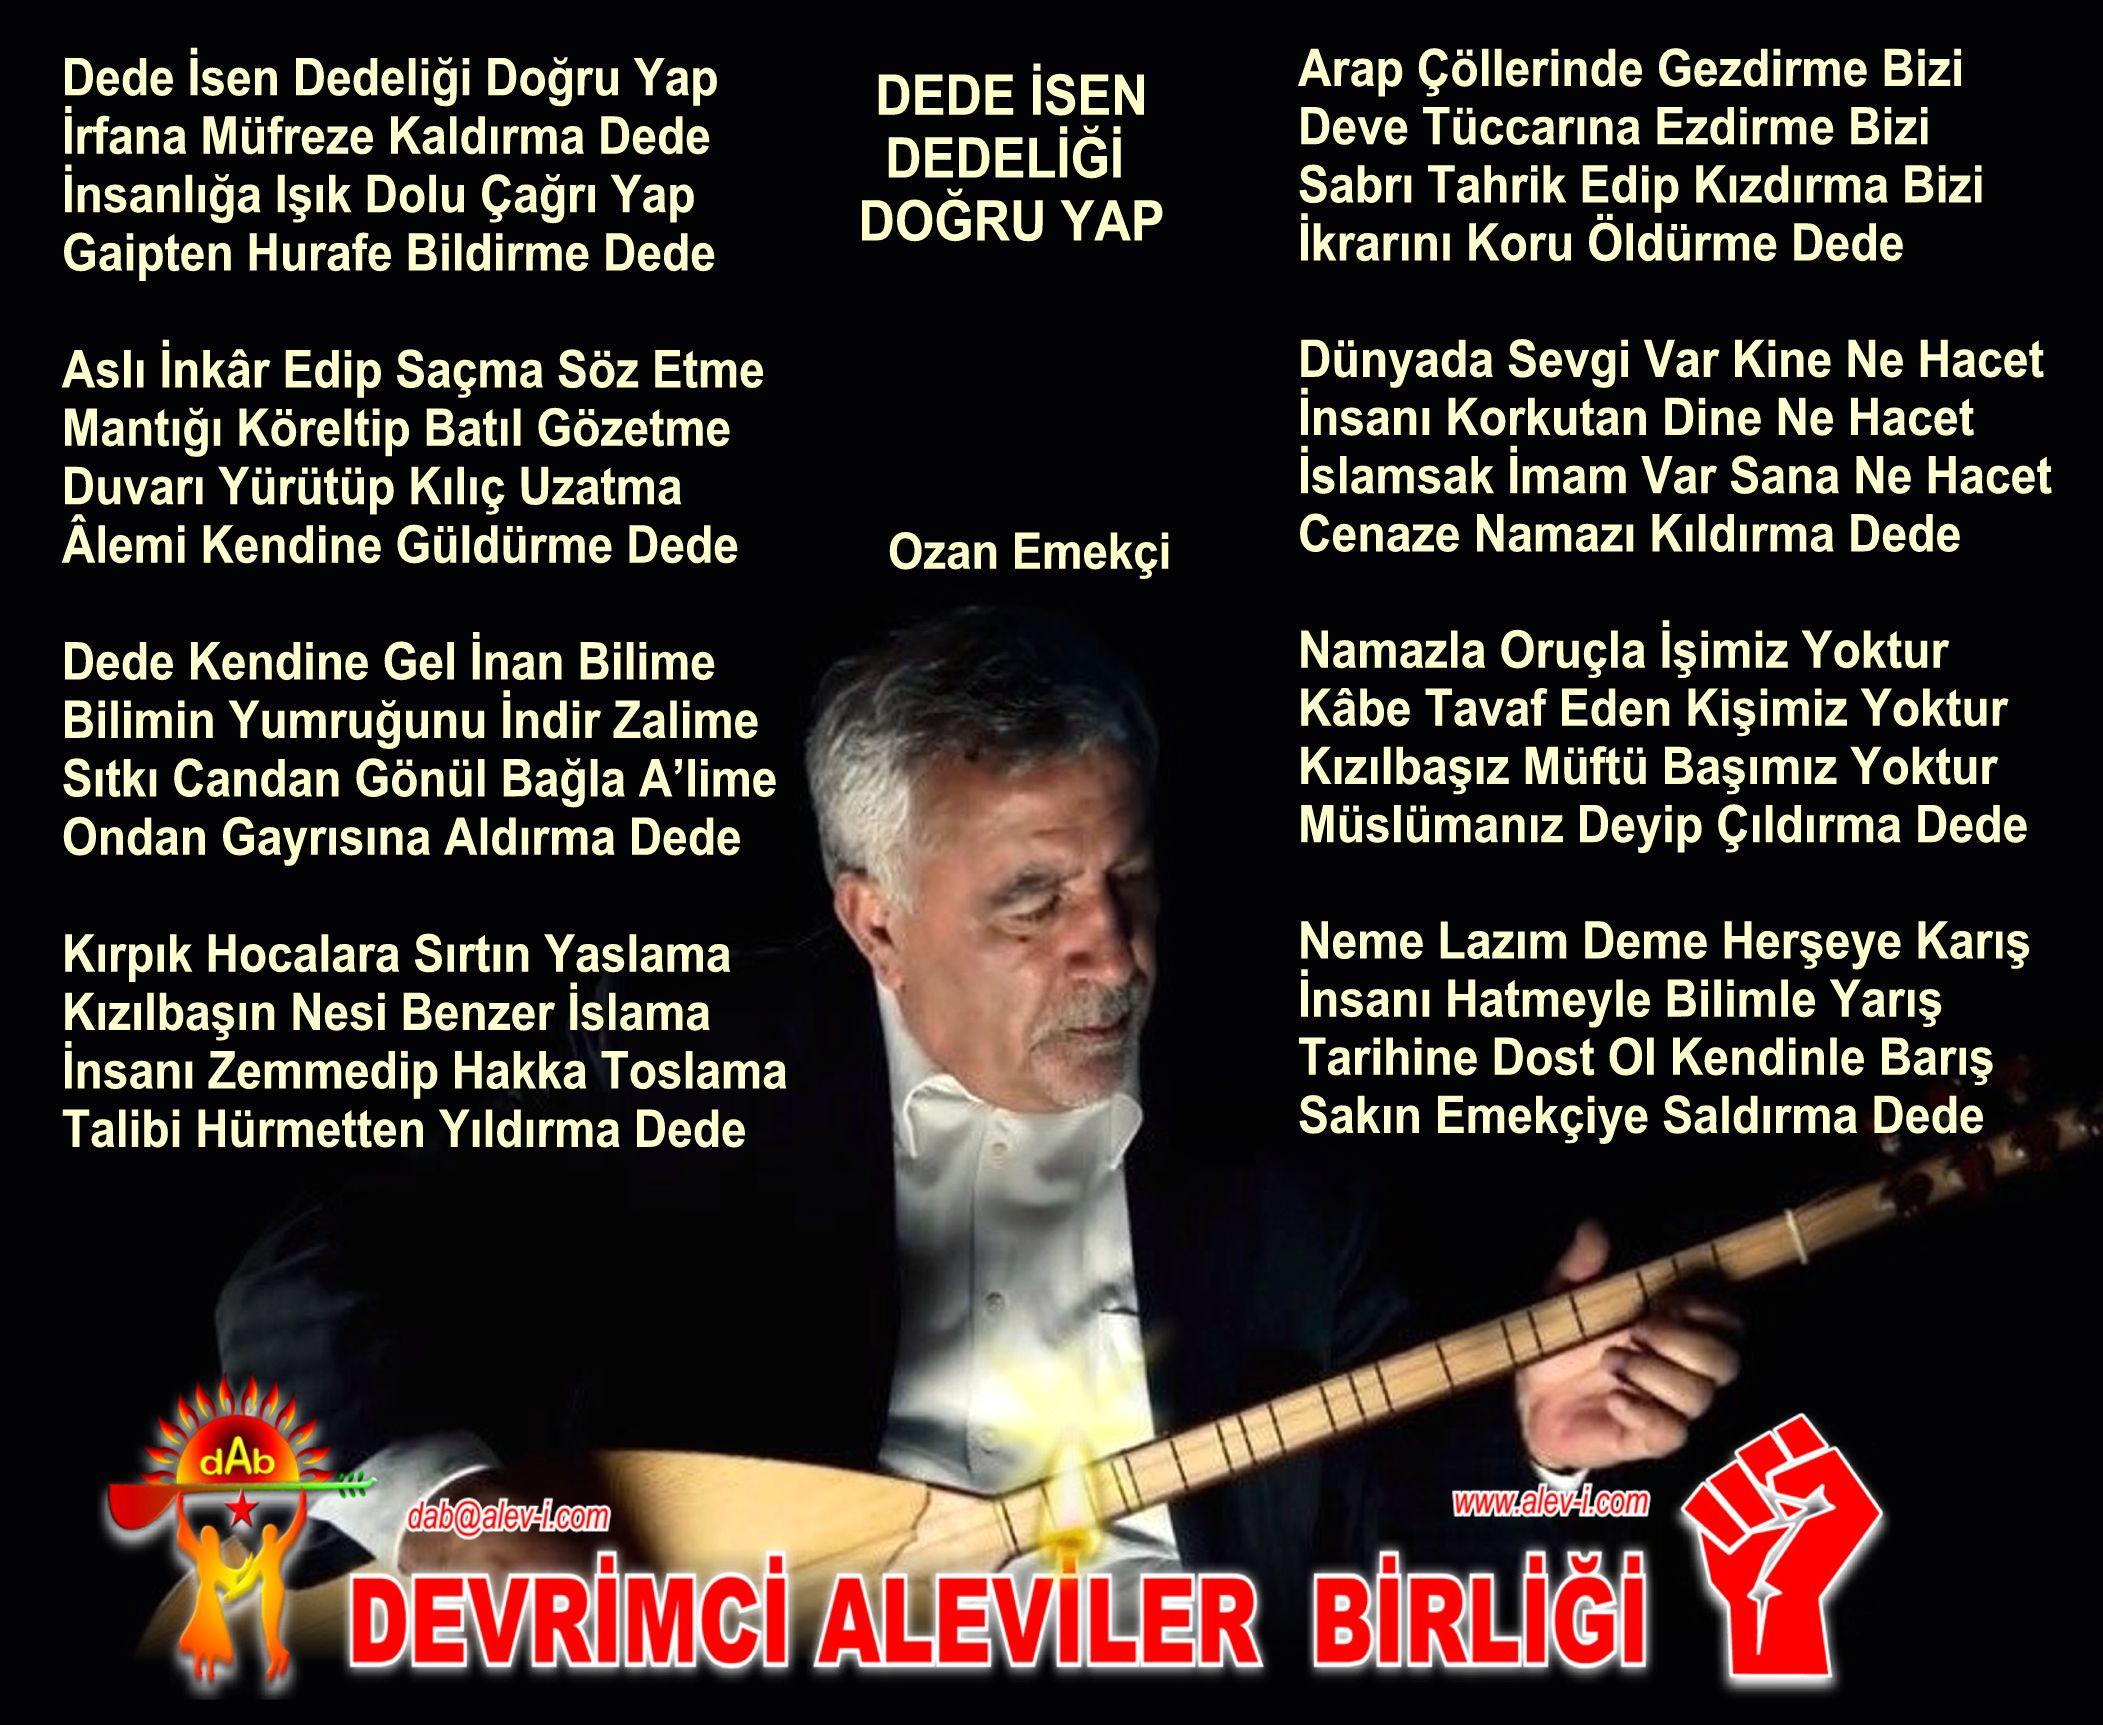 Devrimci Aleviler Birliği DAB Alevi Kızılbaş Bektaşi pir sultan cem hz Ali 12 imam semah Feramuz Şah Acar emekci ozan dede